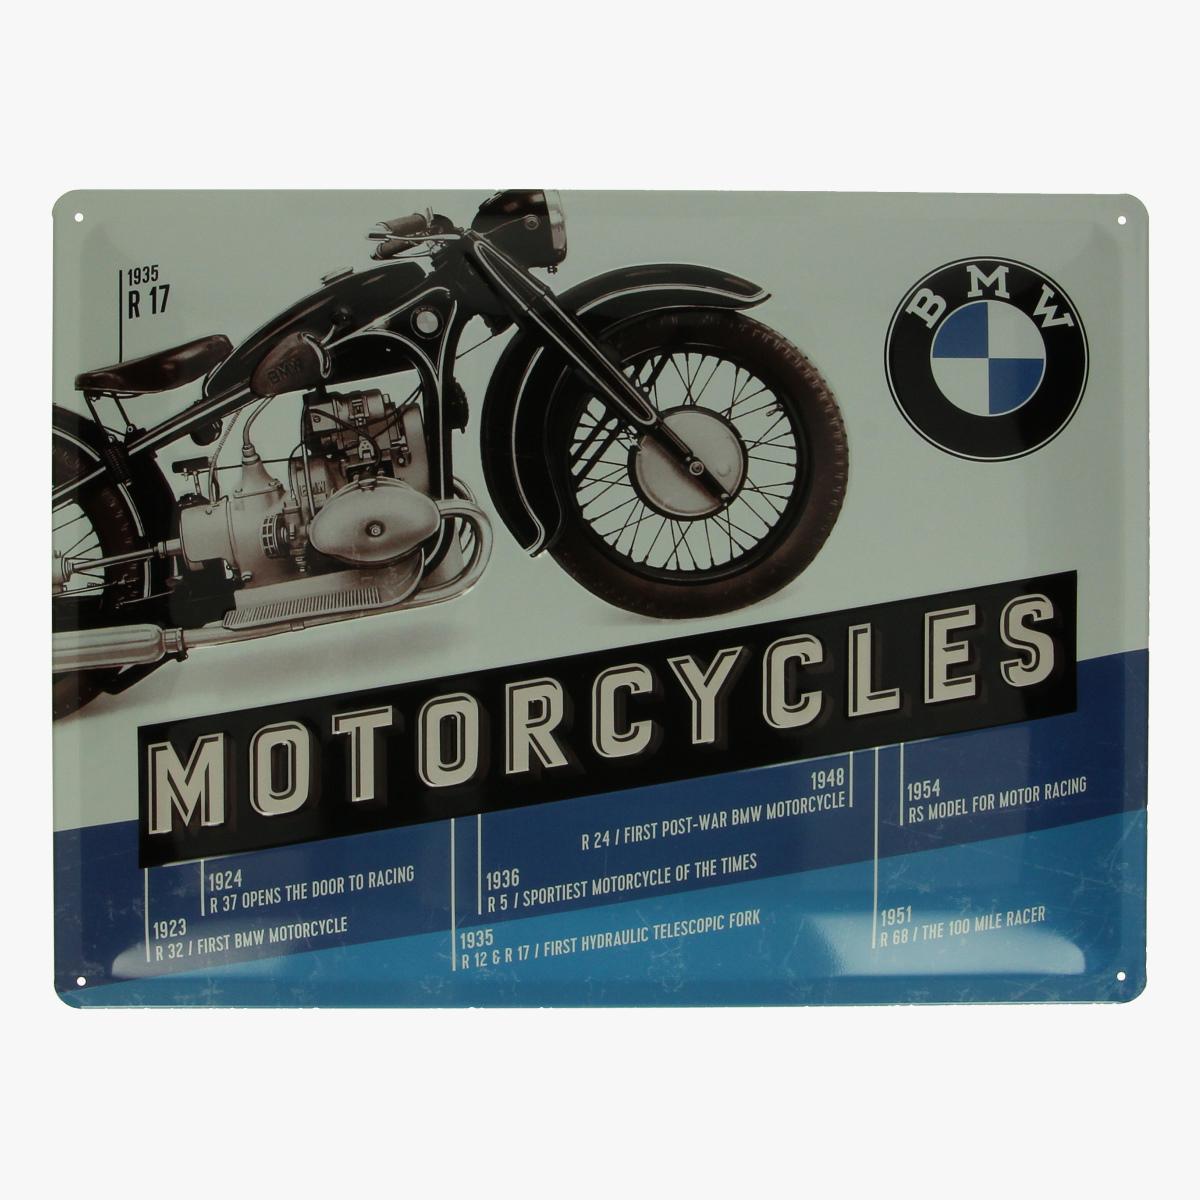 Afbeeldingen van blikken bord bmw motorcycles repro